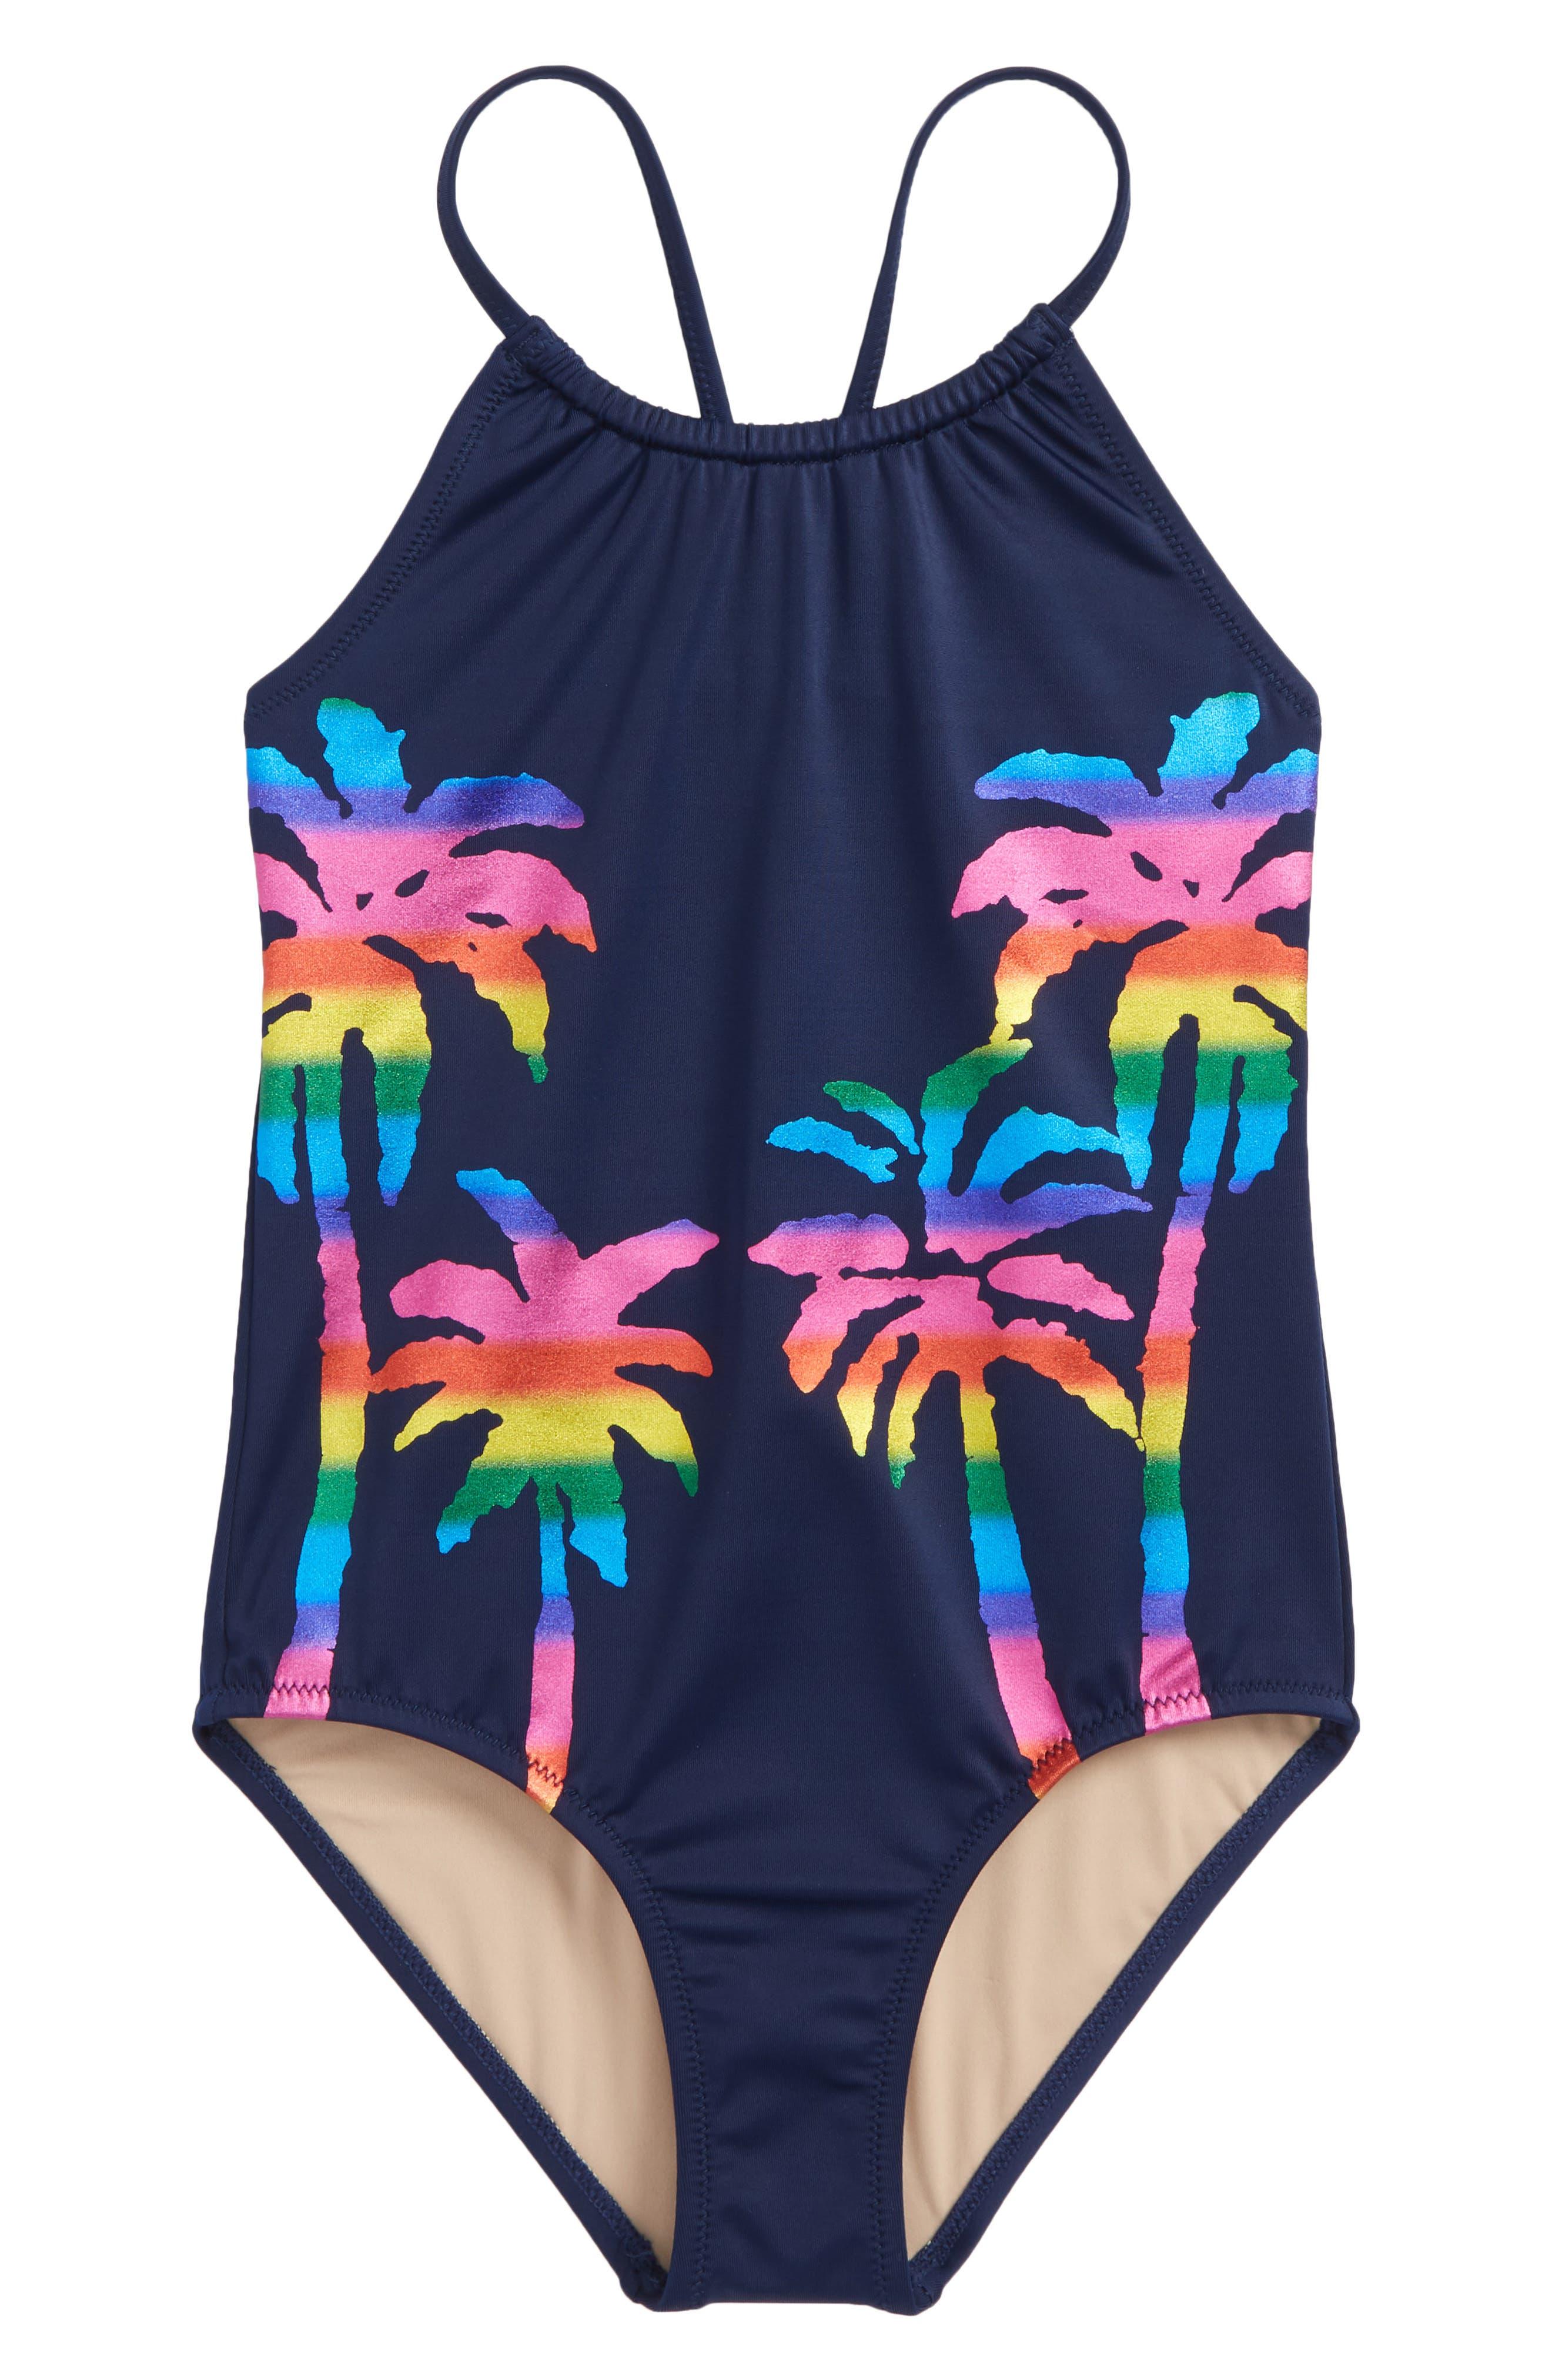 Foil Palm Trees One-Piece Swimsuit,                         Main,                         color, 650